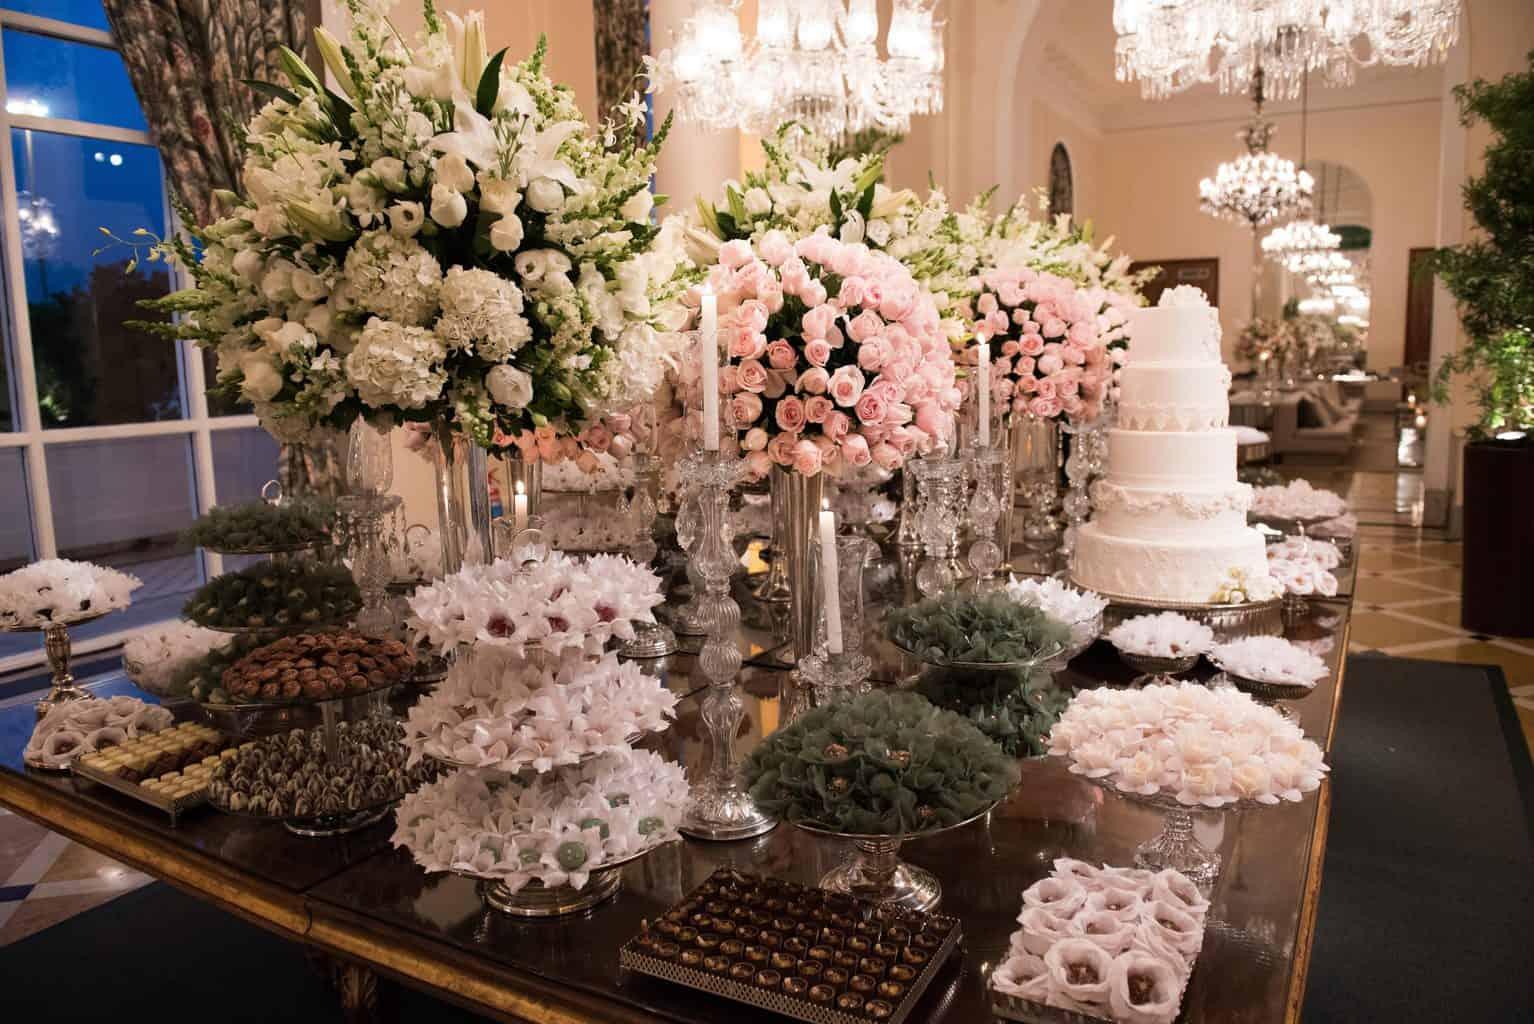 Casamento-Clássico-Copacabana-Palace-Fotografia-Larissa-e-Jorge-Ribas-Monica-Roias-Paula-Rocha-Ribas-Foto-e-Vídeo-CaseMe-10